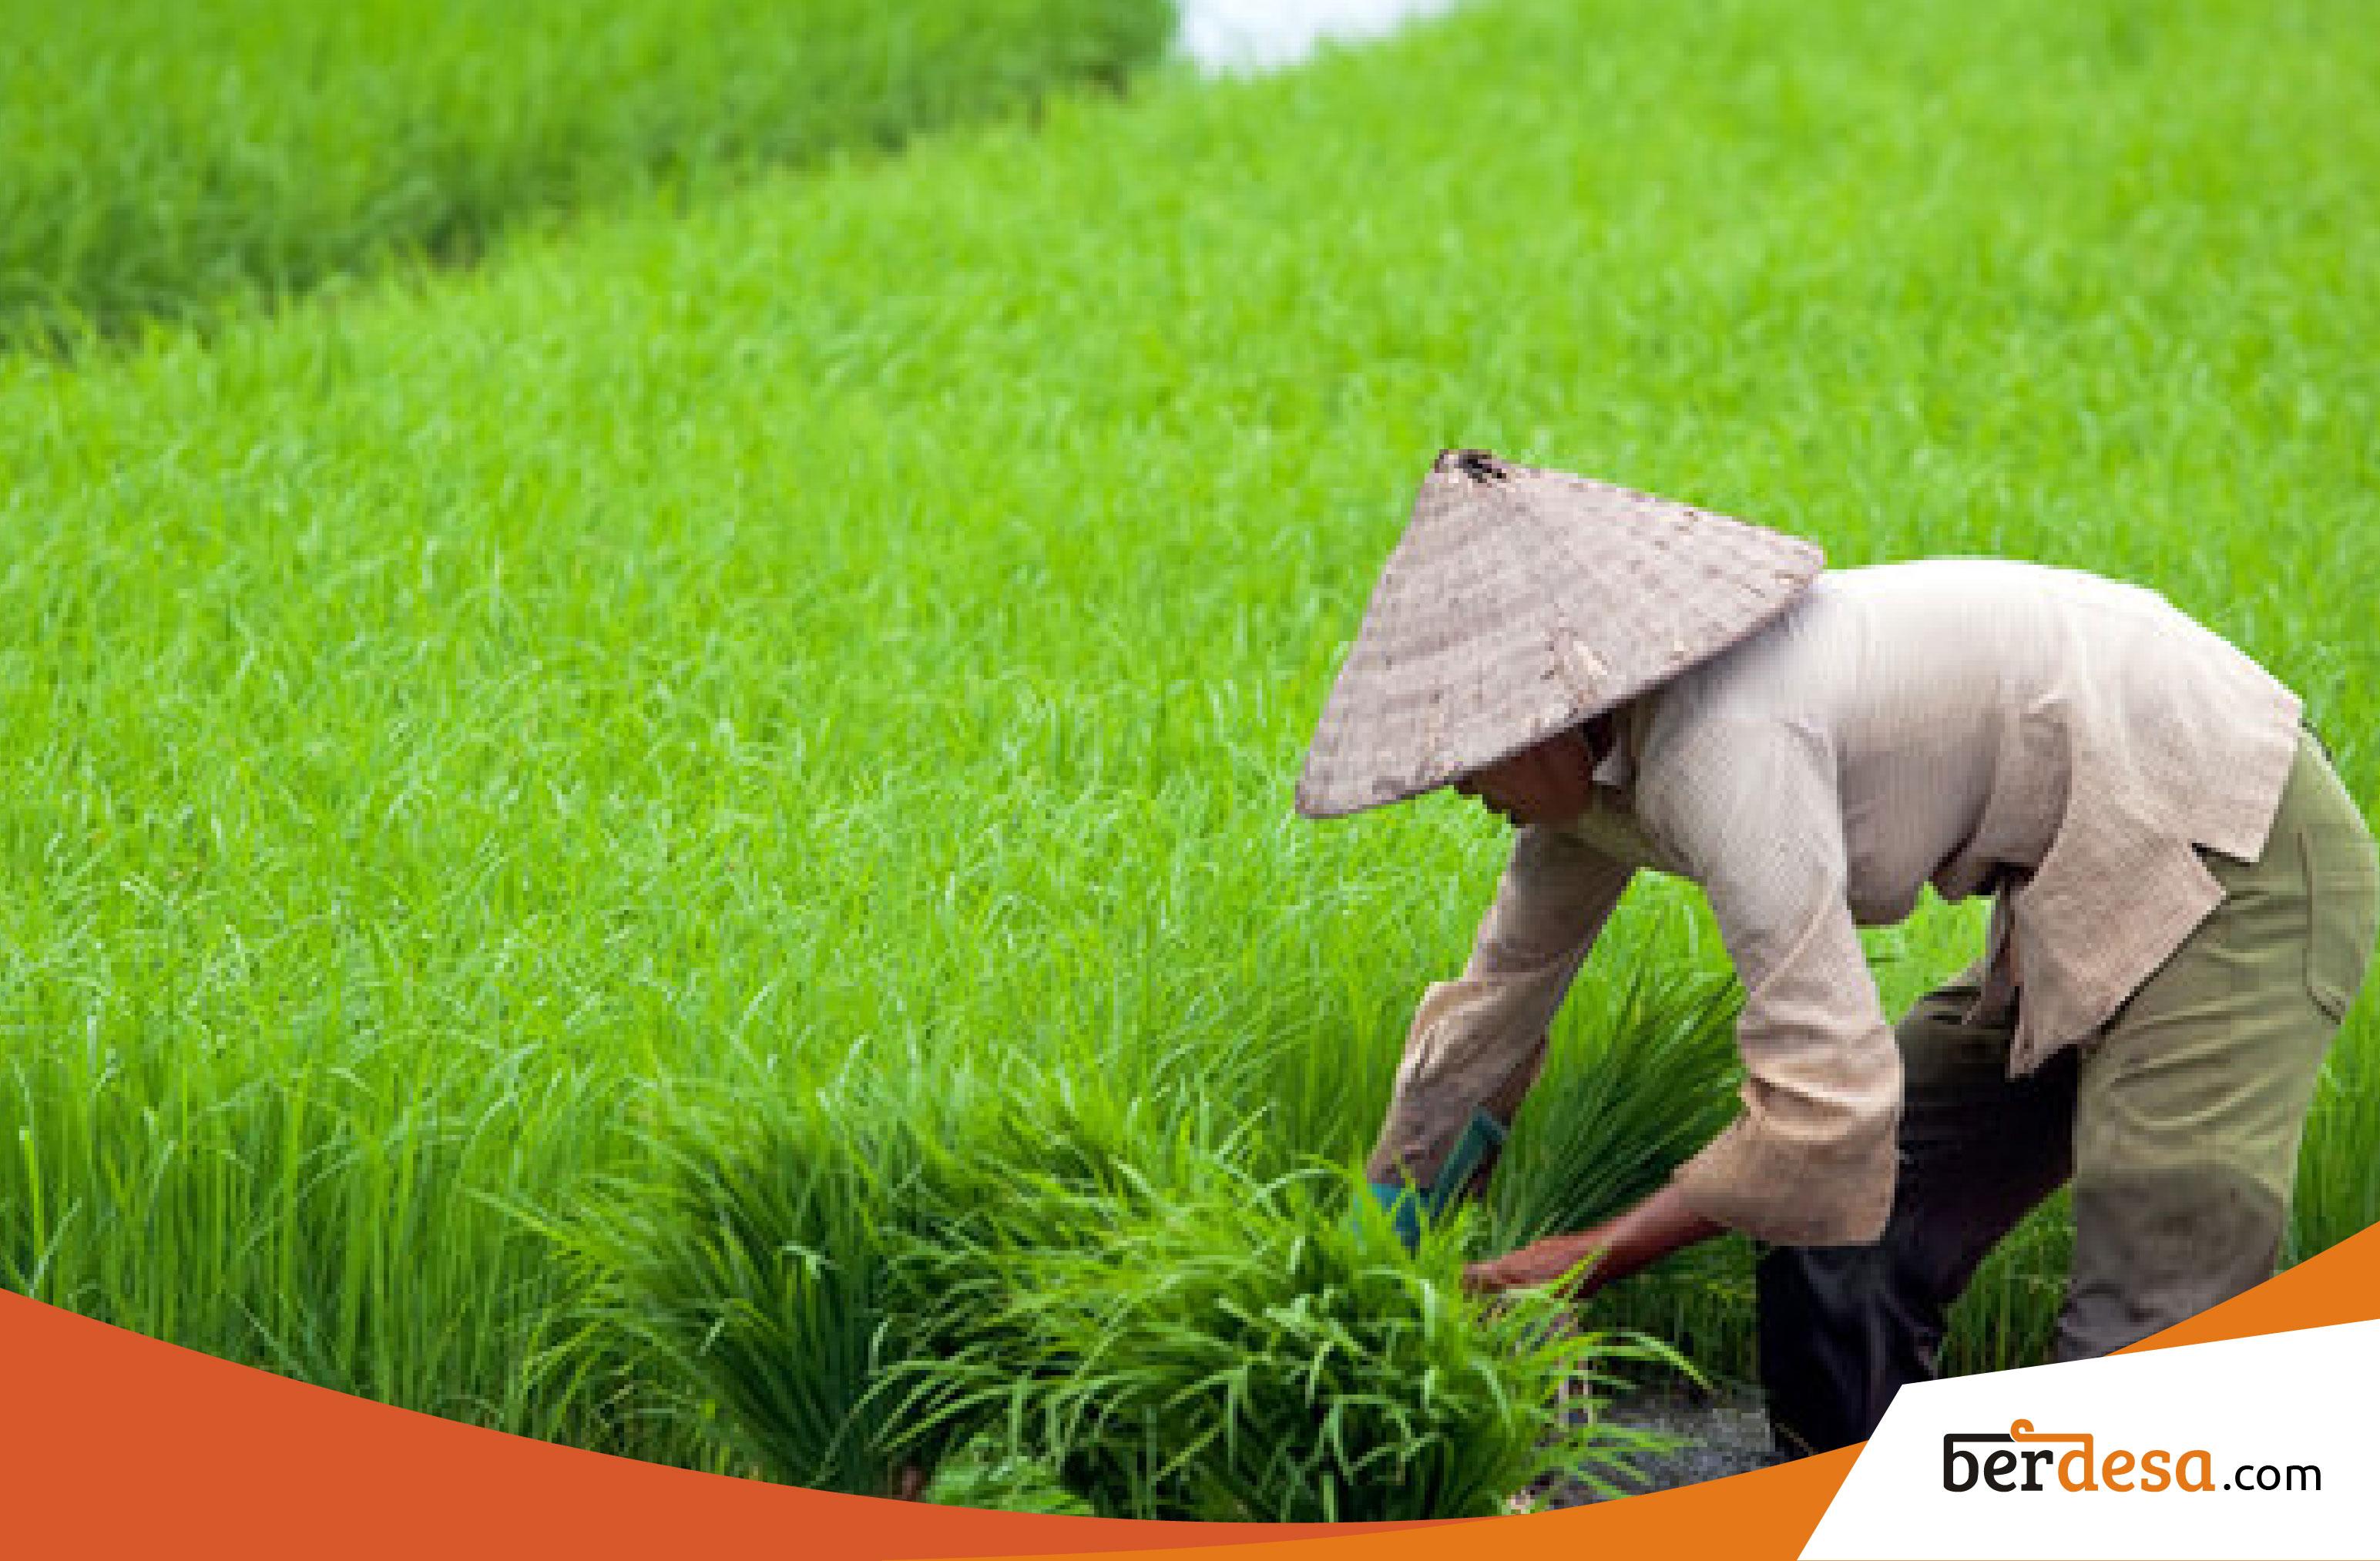 Upaya Untuk Meningkatkan Hasil Pertanian Di Desa Terpencil – Berdesa